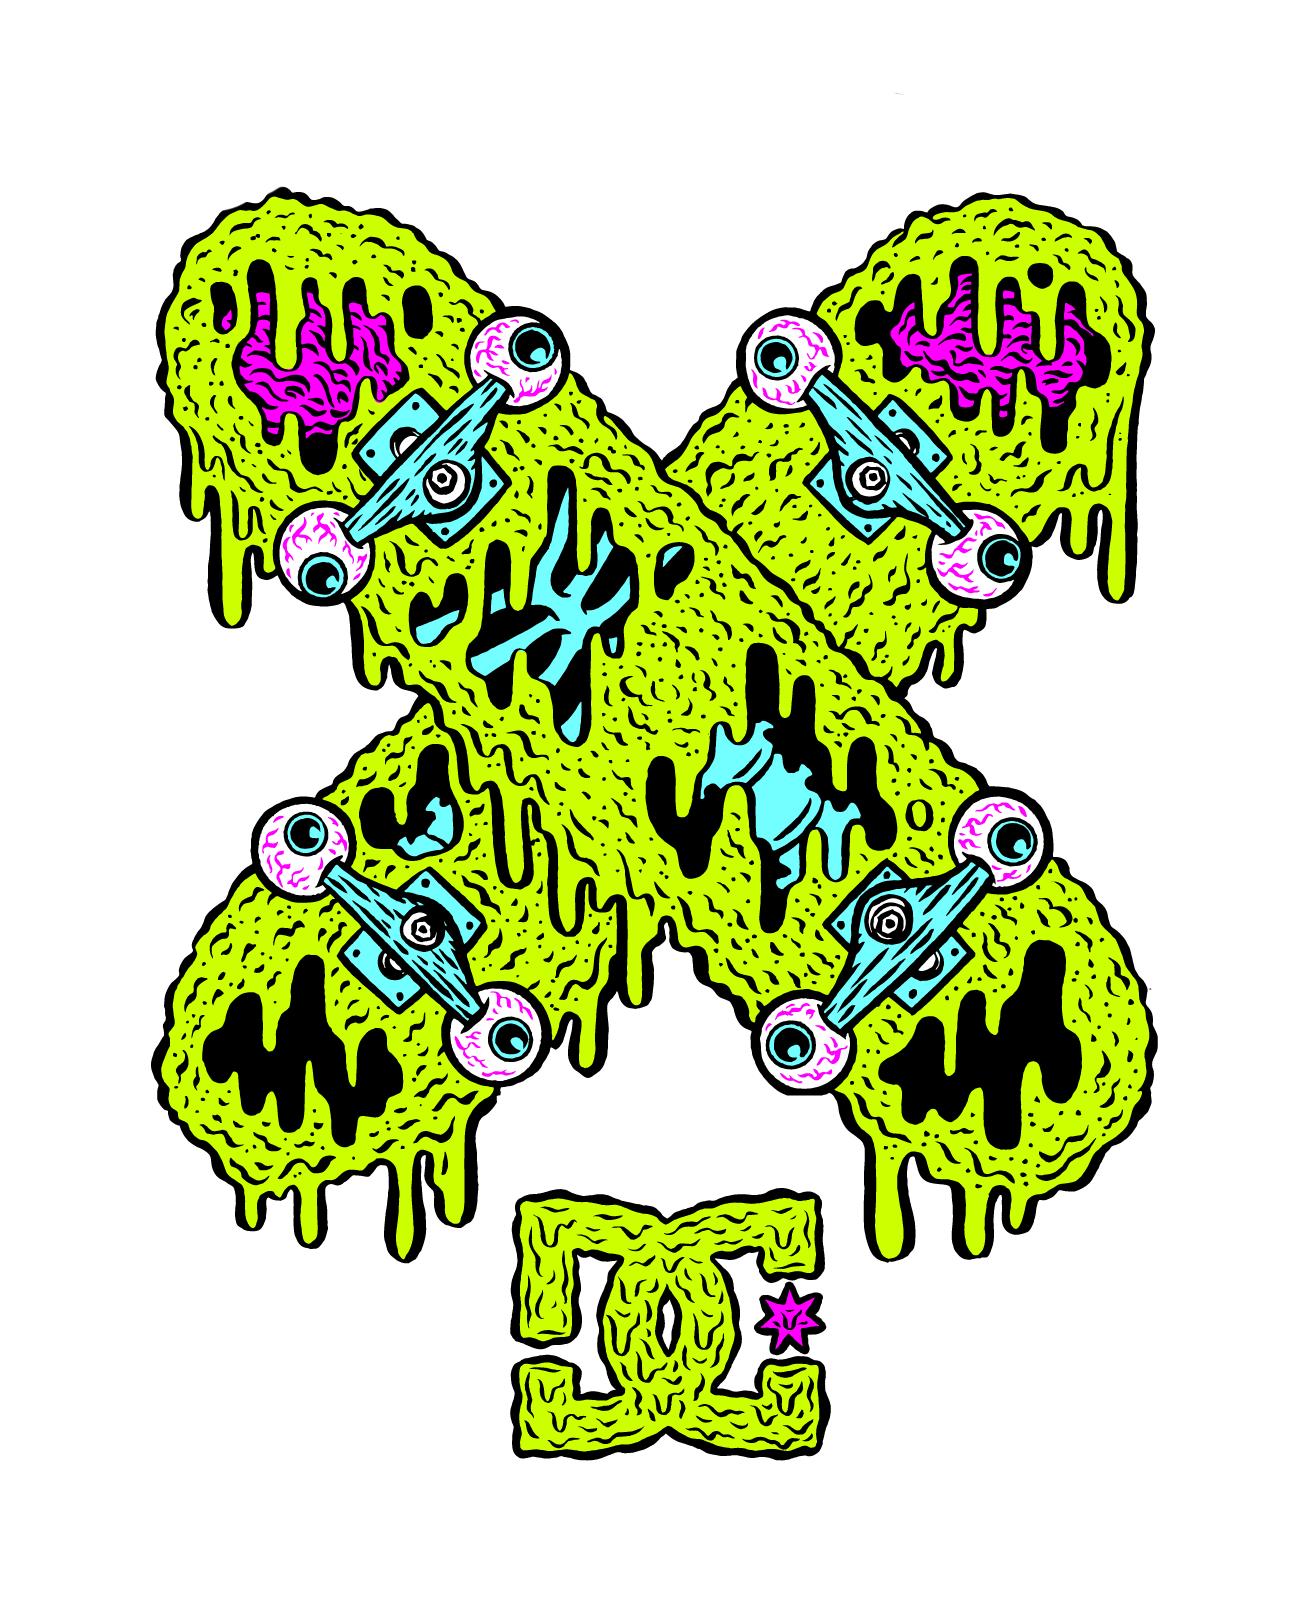 Apparel Design, Illustration for DC Shoe Co.